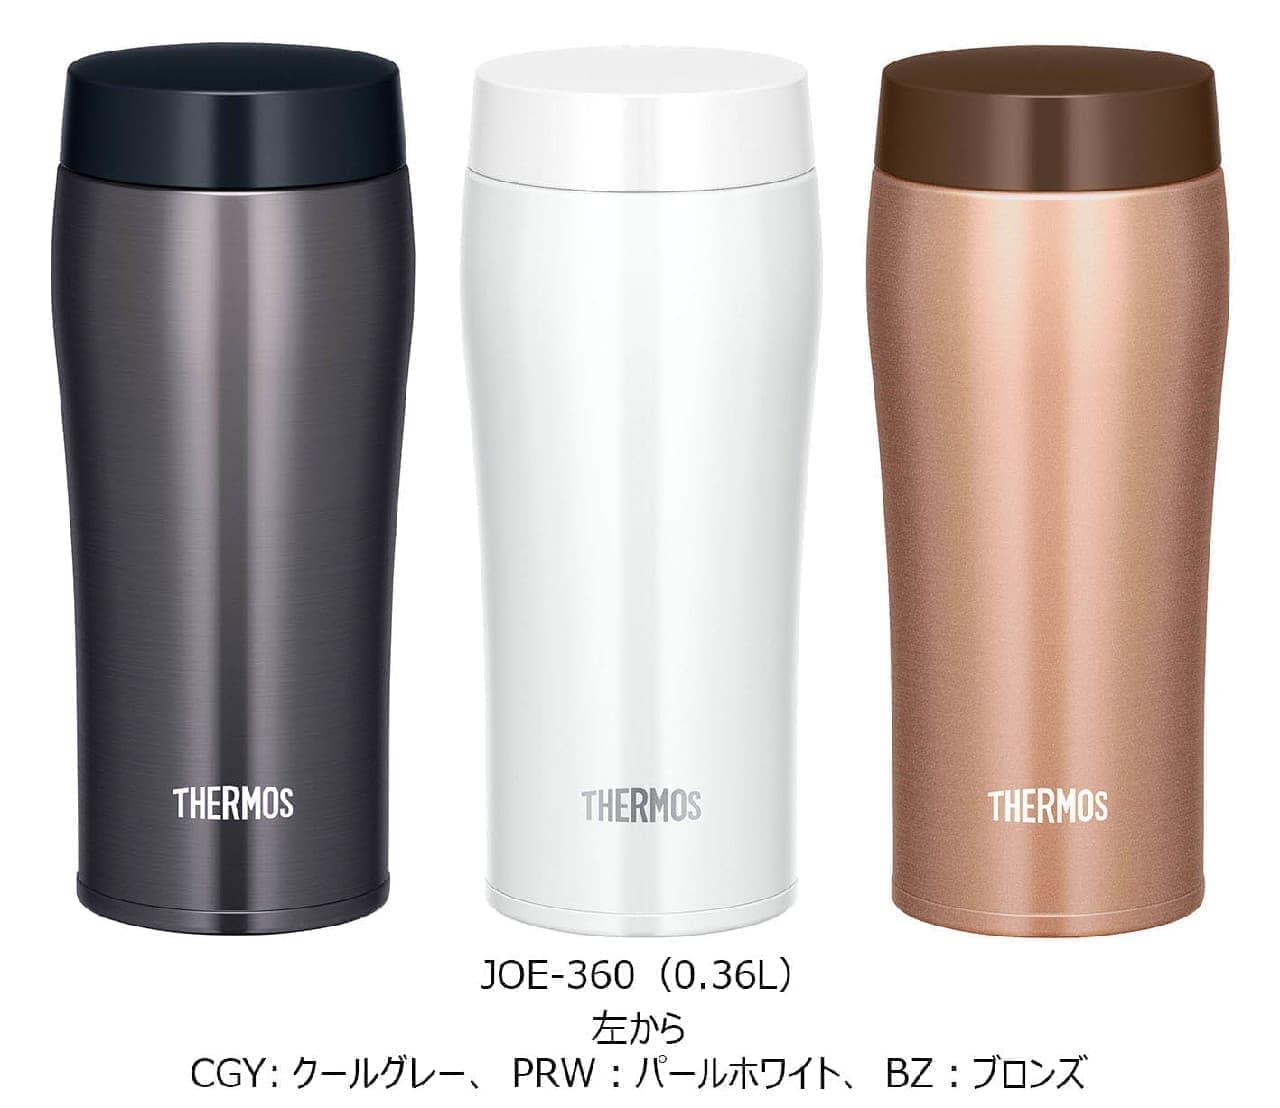 サーモス 真空断熱ケータイタンブラー(JOE-360/480)